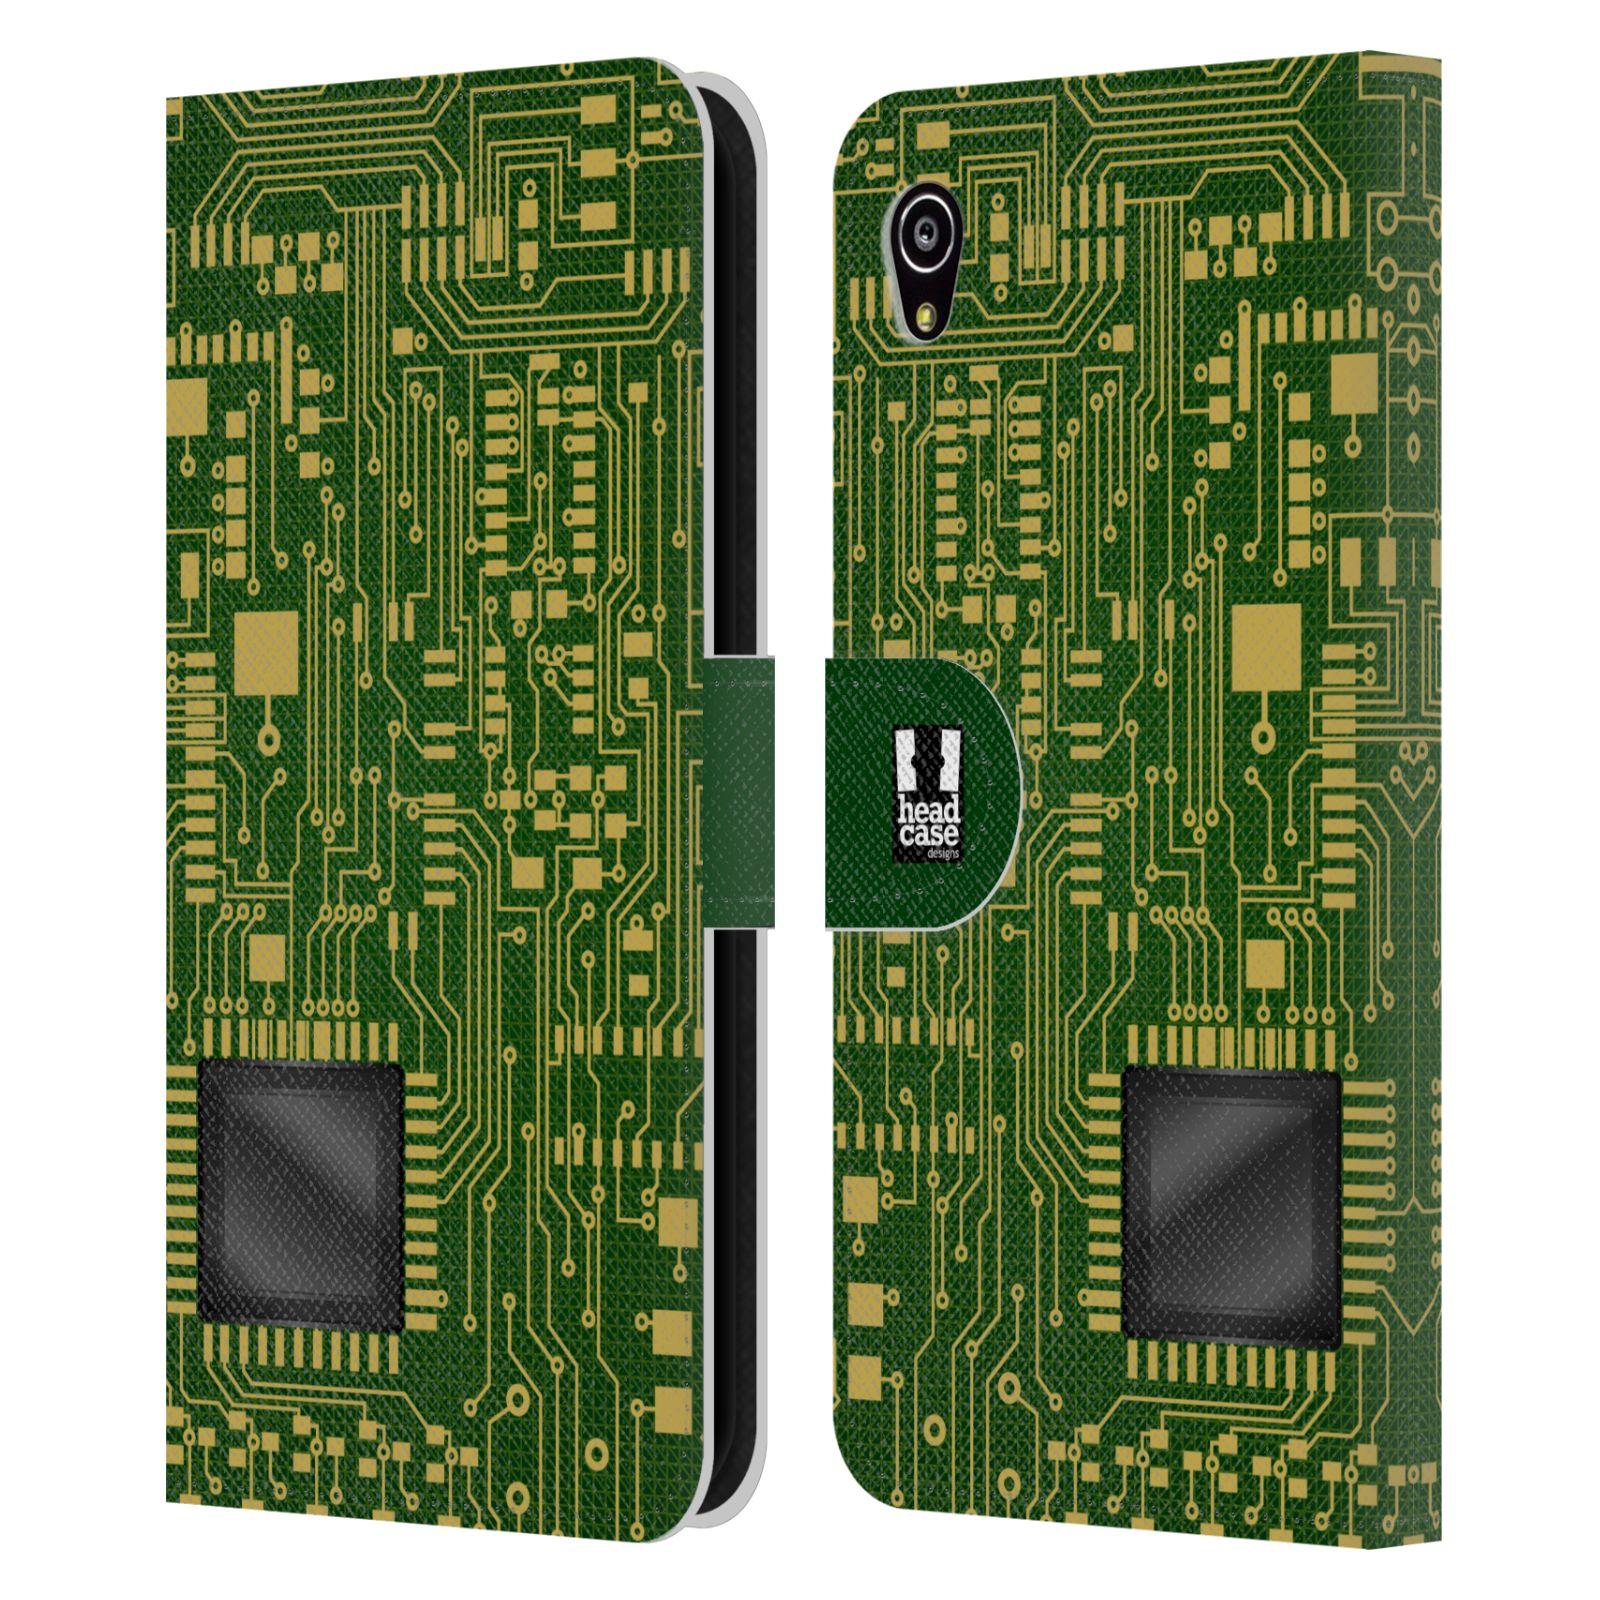 HEAD CASE Flipové pouzdro pro mobil SONY XPERIA M4 AQUA počítač základní deska zelená barva velký čip